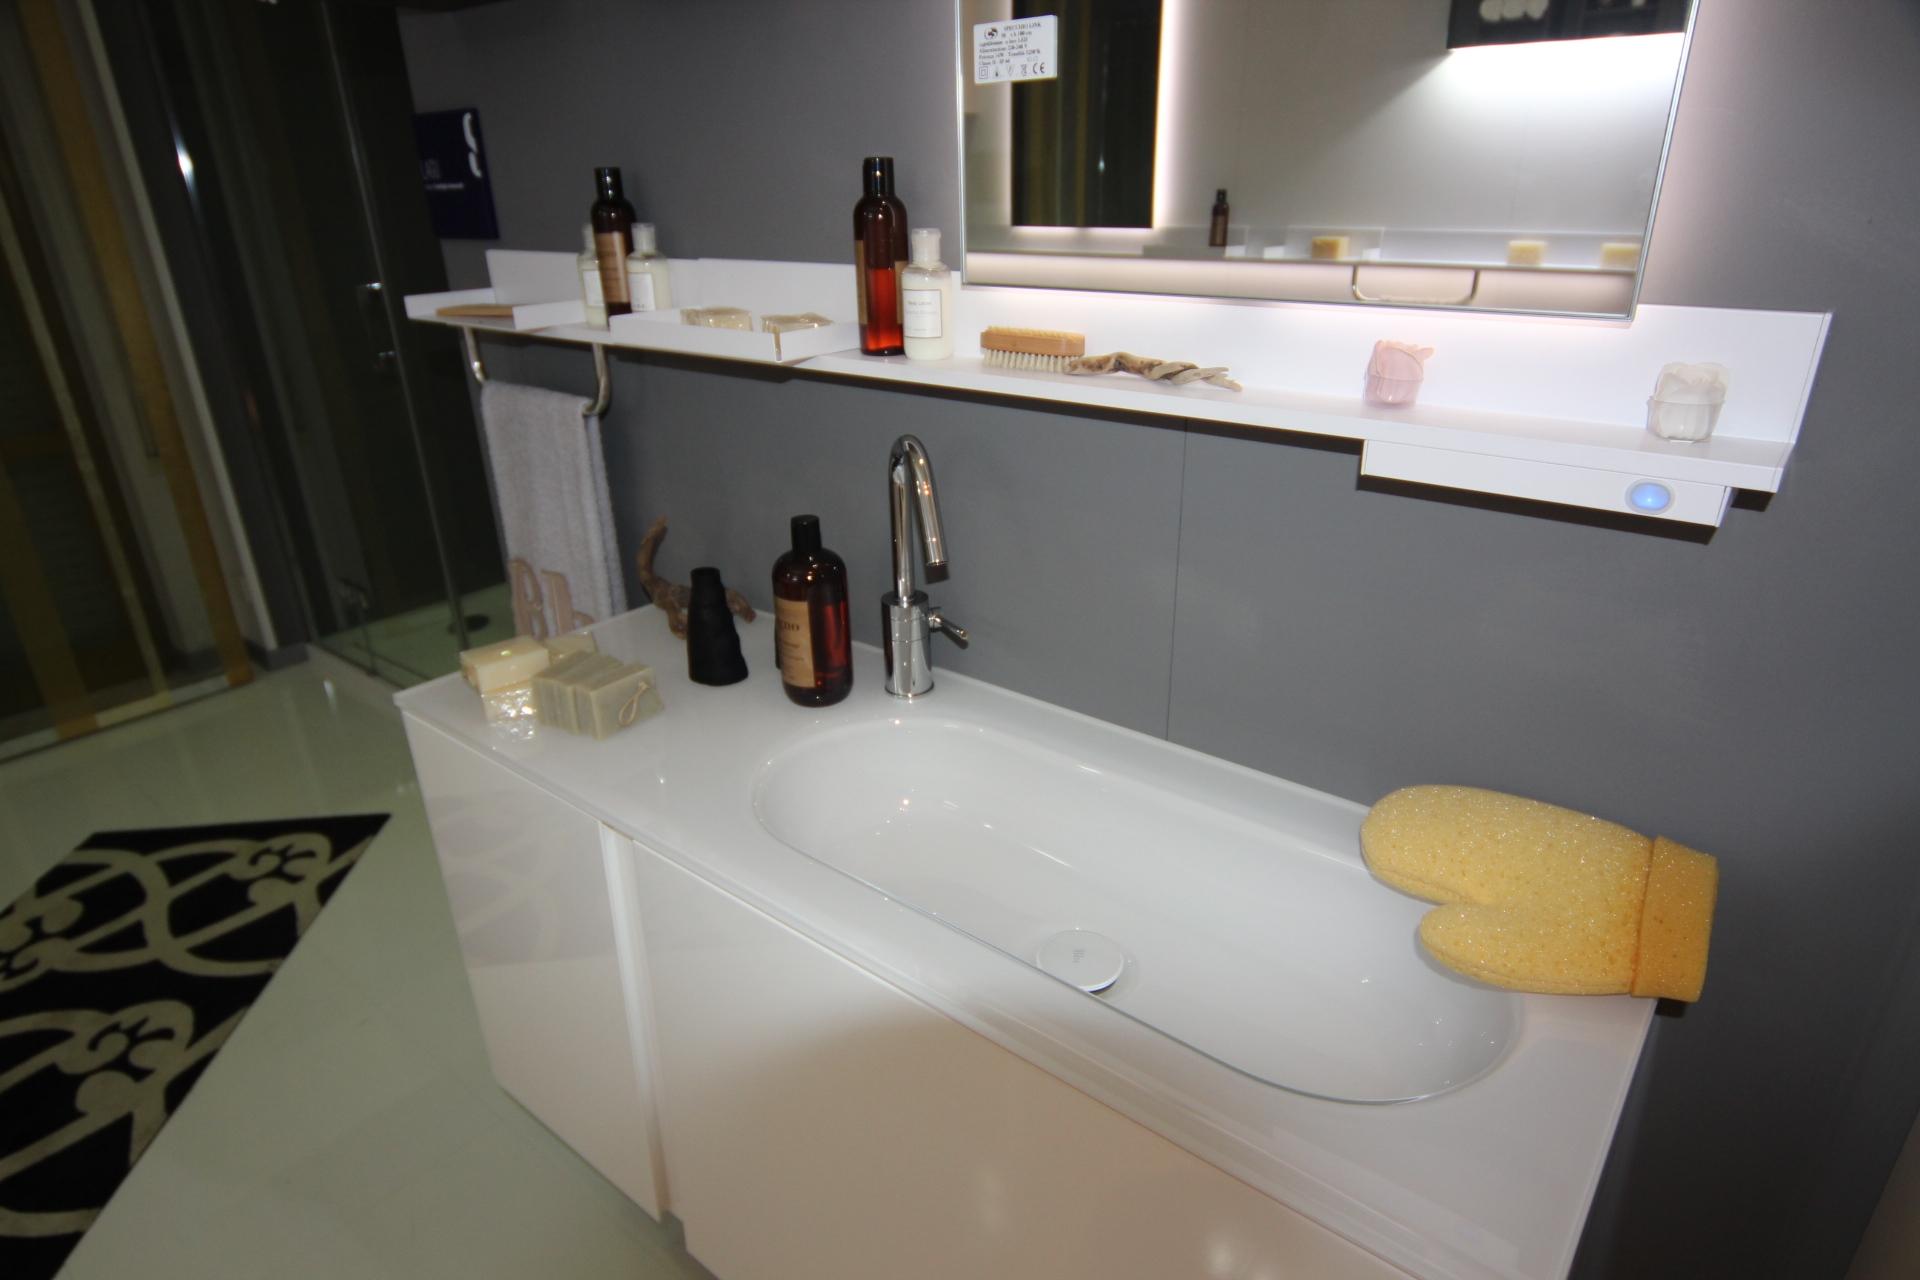 Scavolini bathrooms modello lagu laccato lucido arredo - Mobile bagno scavolini ...